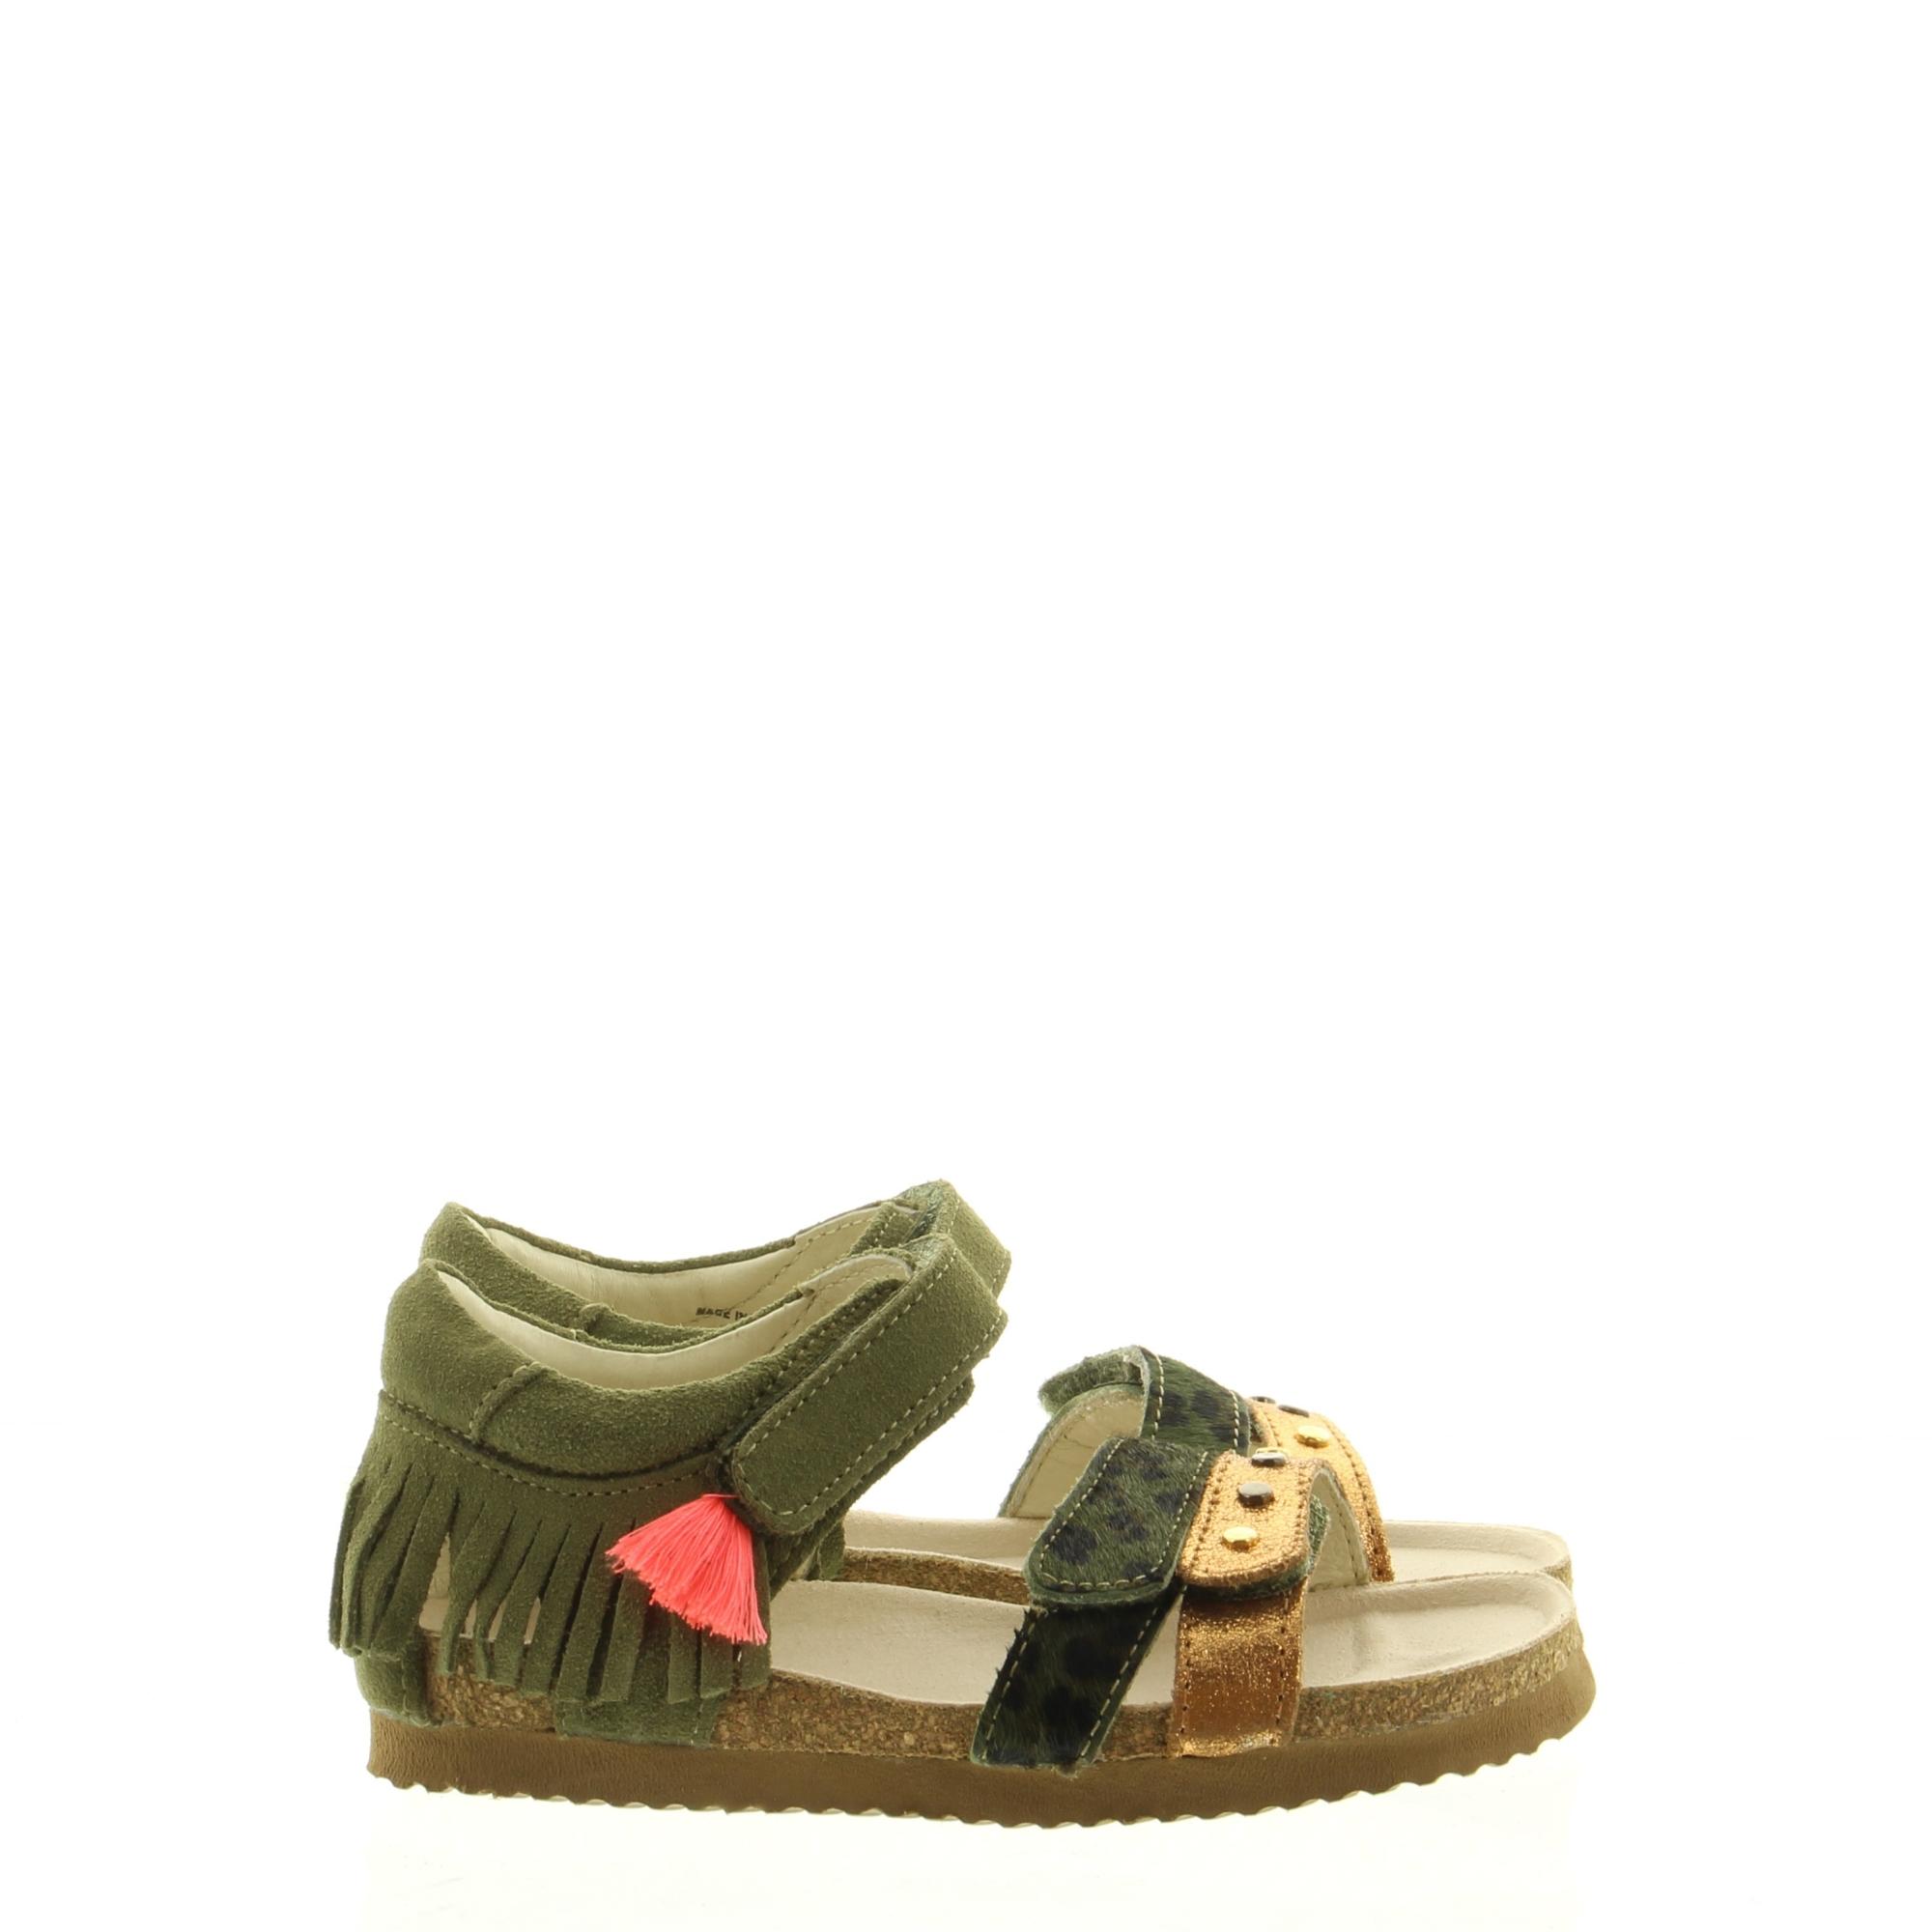 ShoesMe BI20S076-D Army-Ponyhair